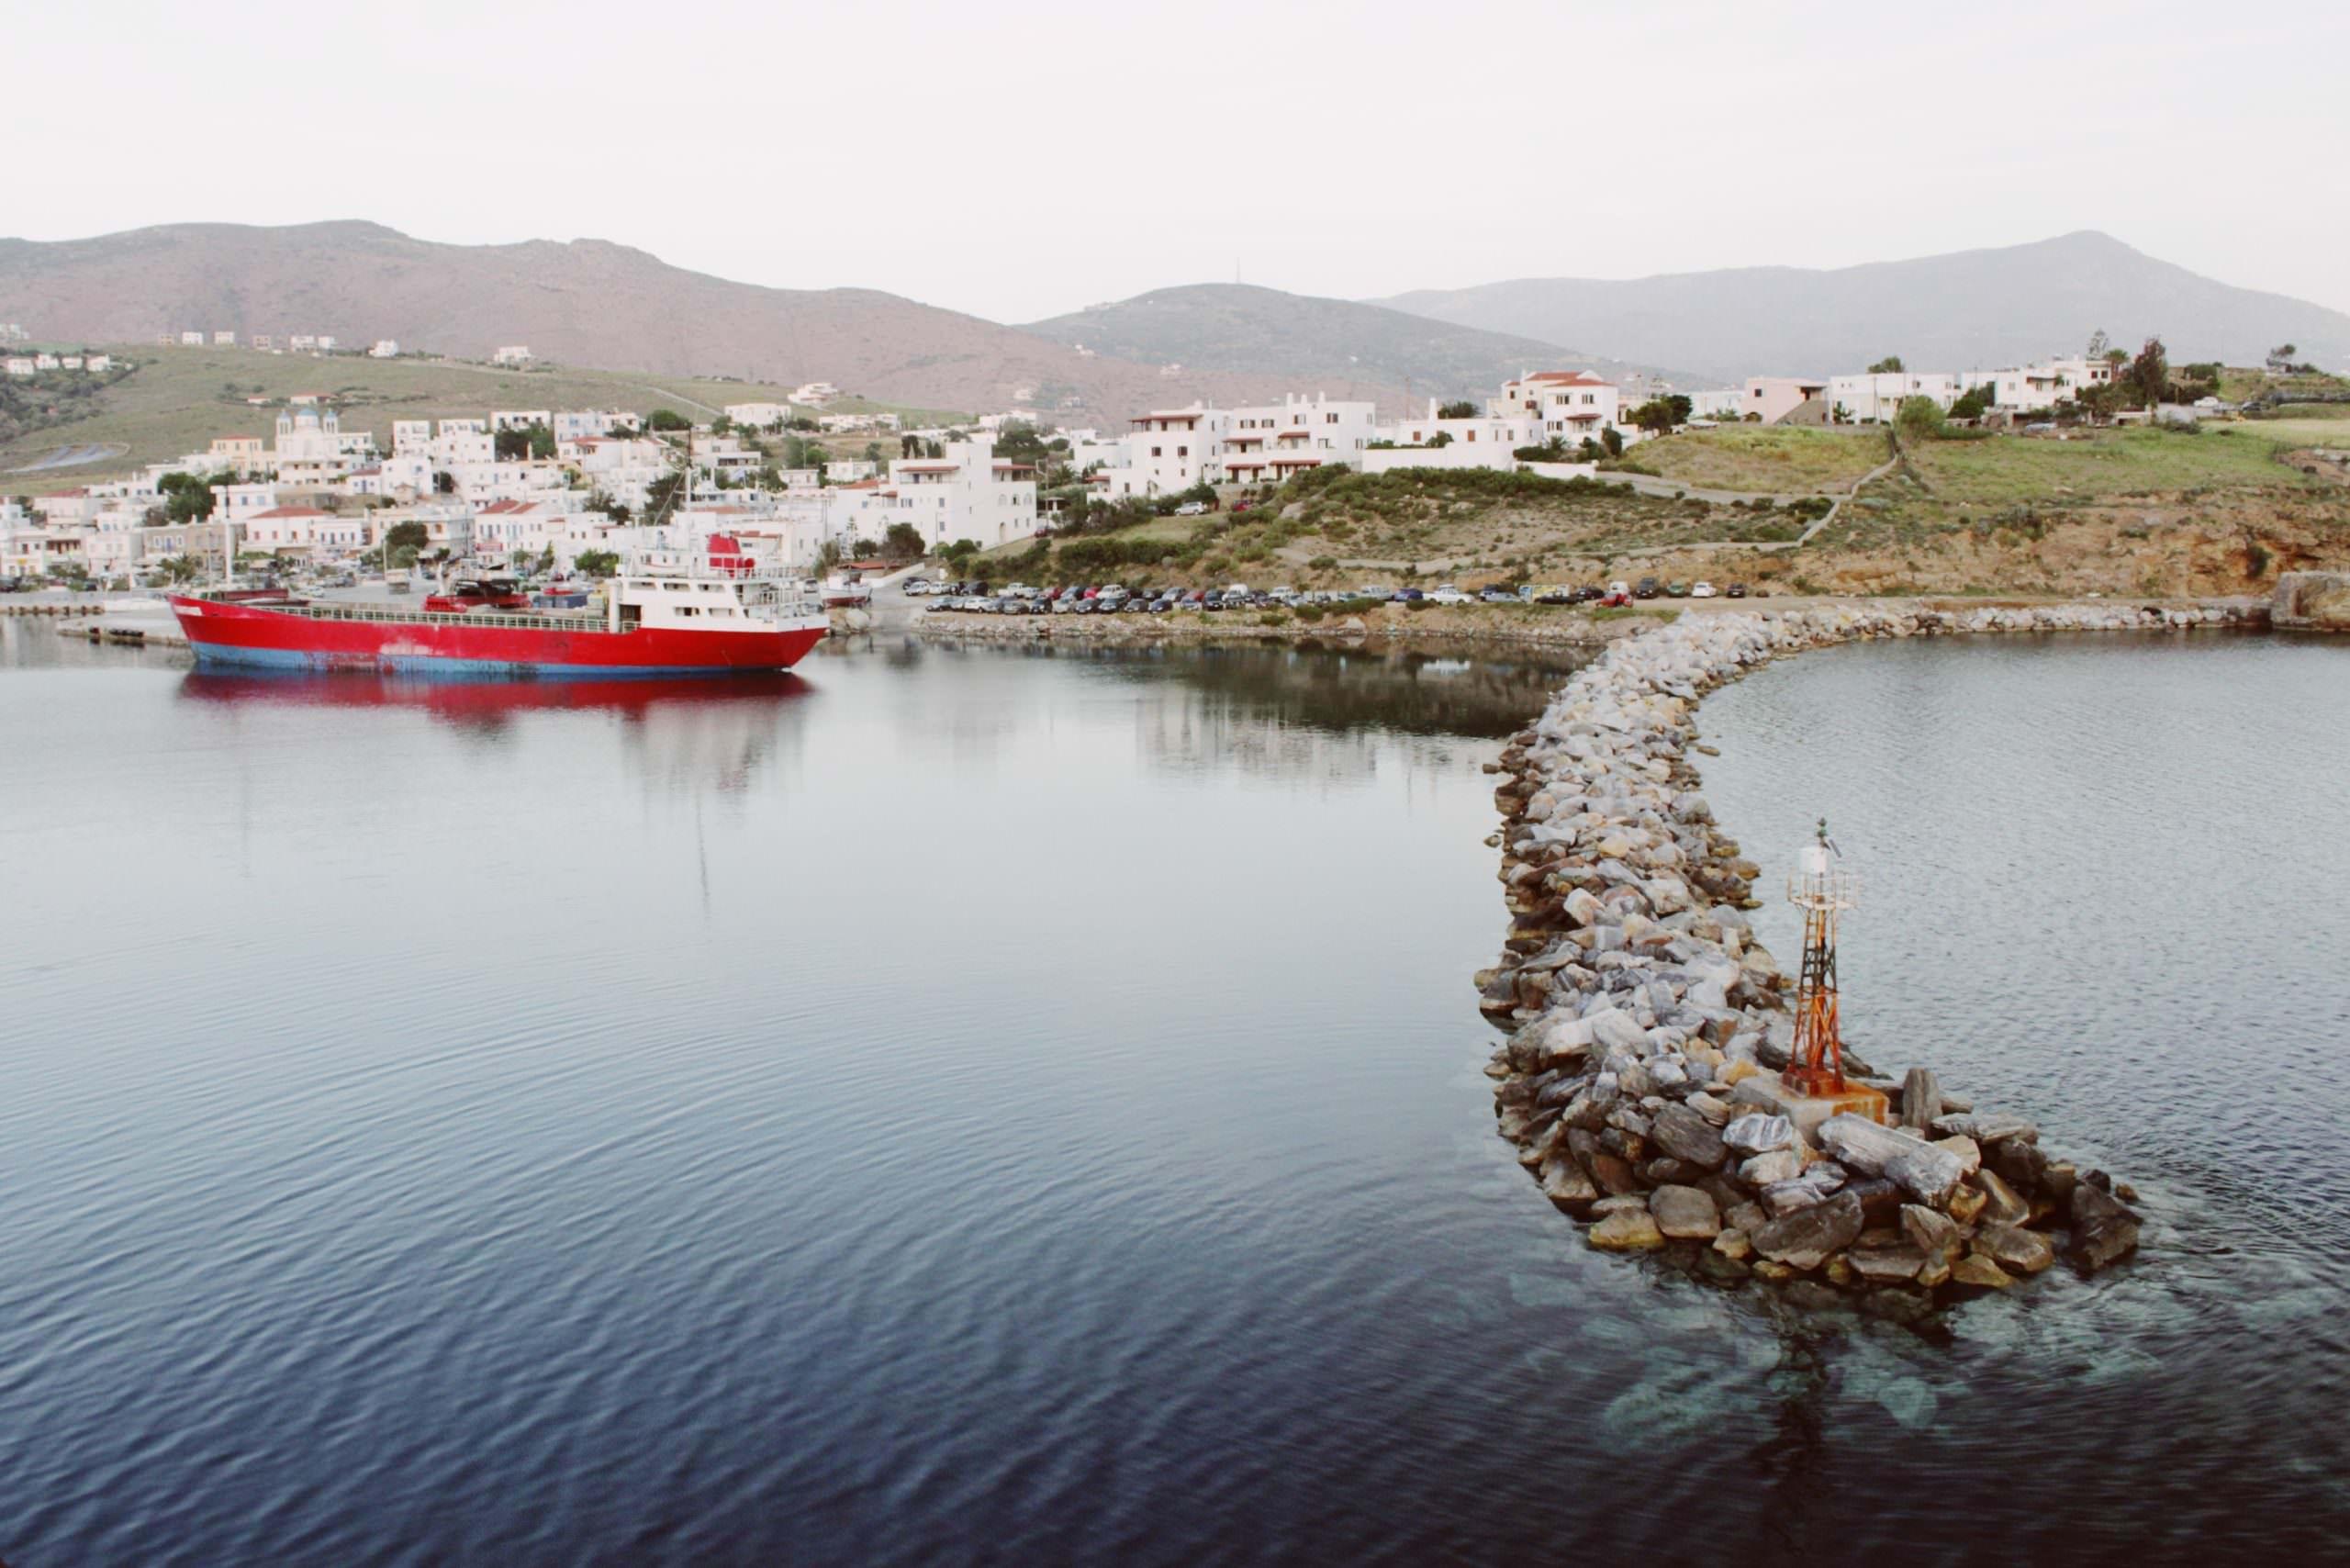 أفضل العجائب الطبيعية والمعالم السياحية في ميكونوس اليونانية